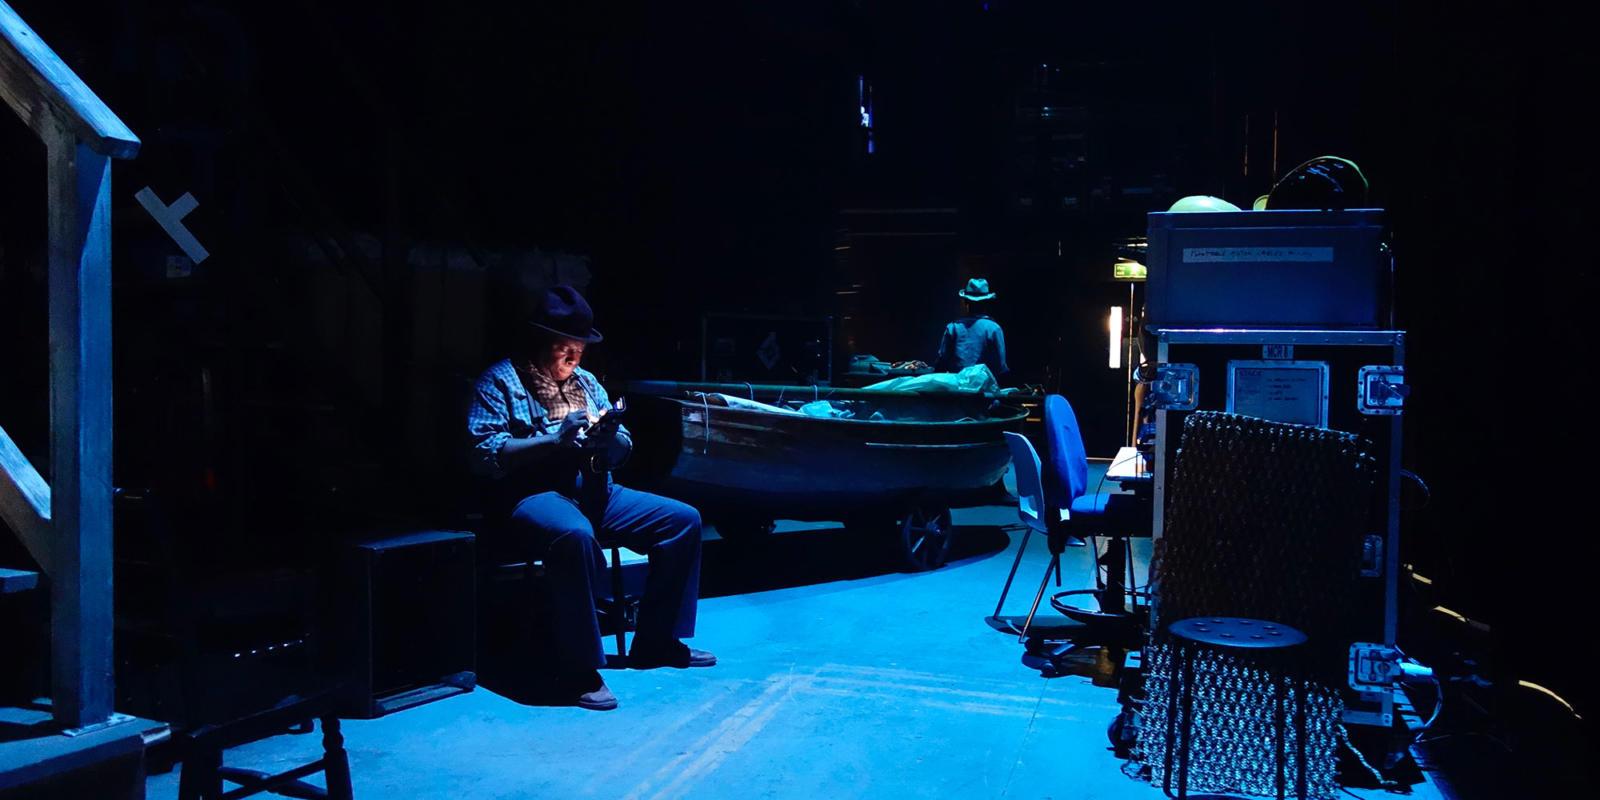 Ensemble member Calvin Lee checks his phone in the wings